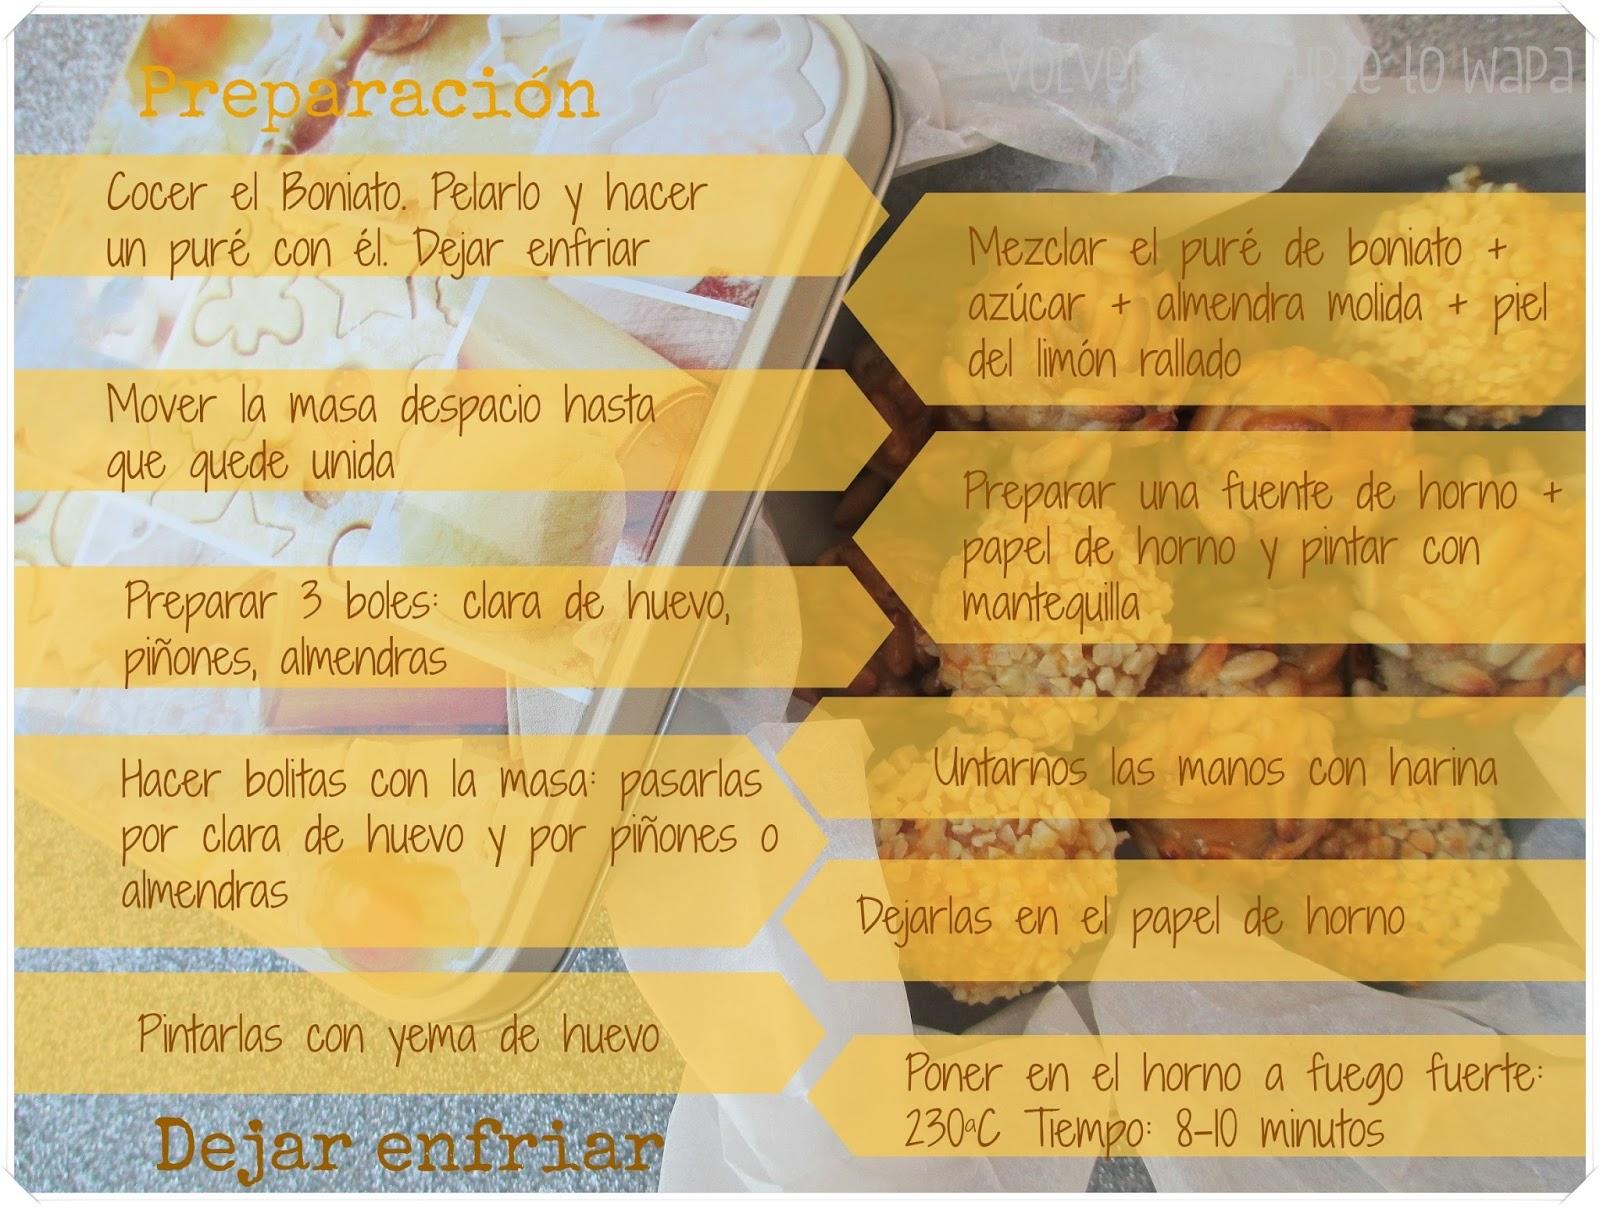 Receta: como hacer PANALLETS caseros de batata {paso a paso} - Preparación